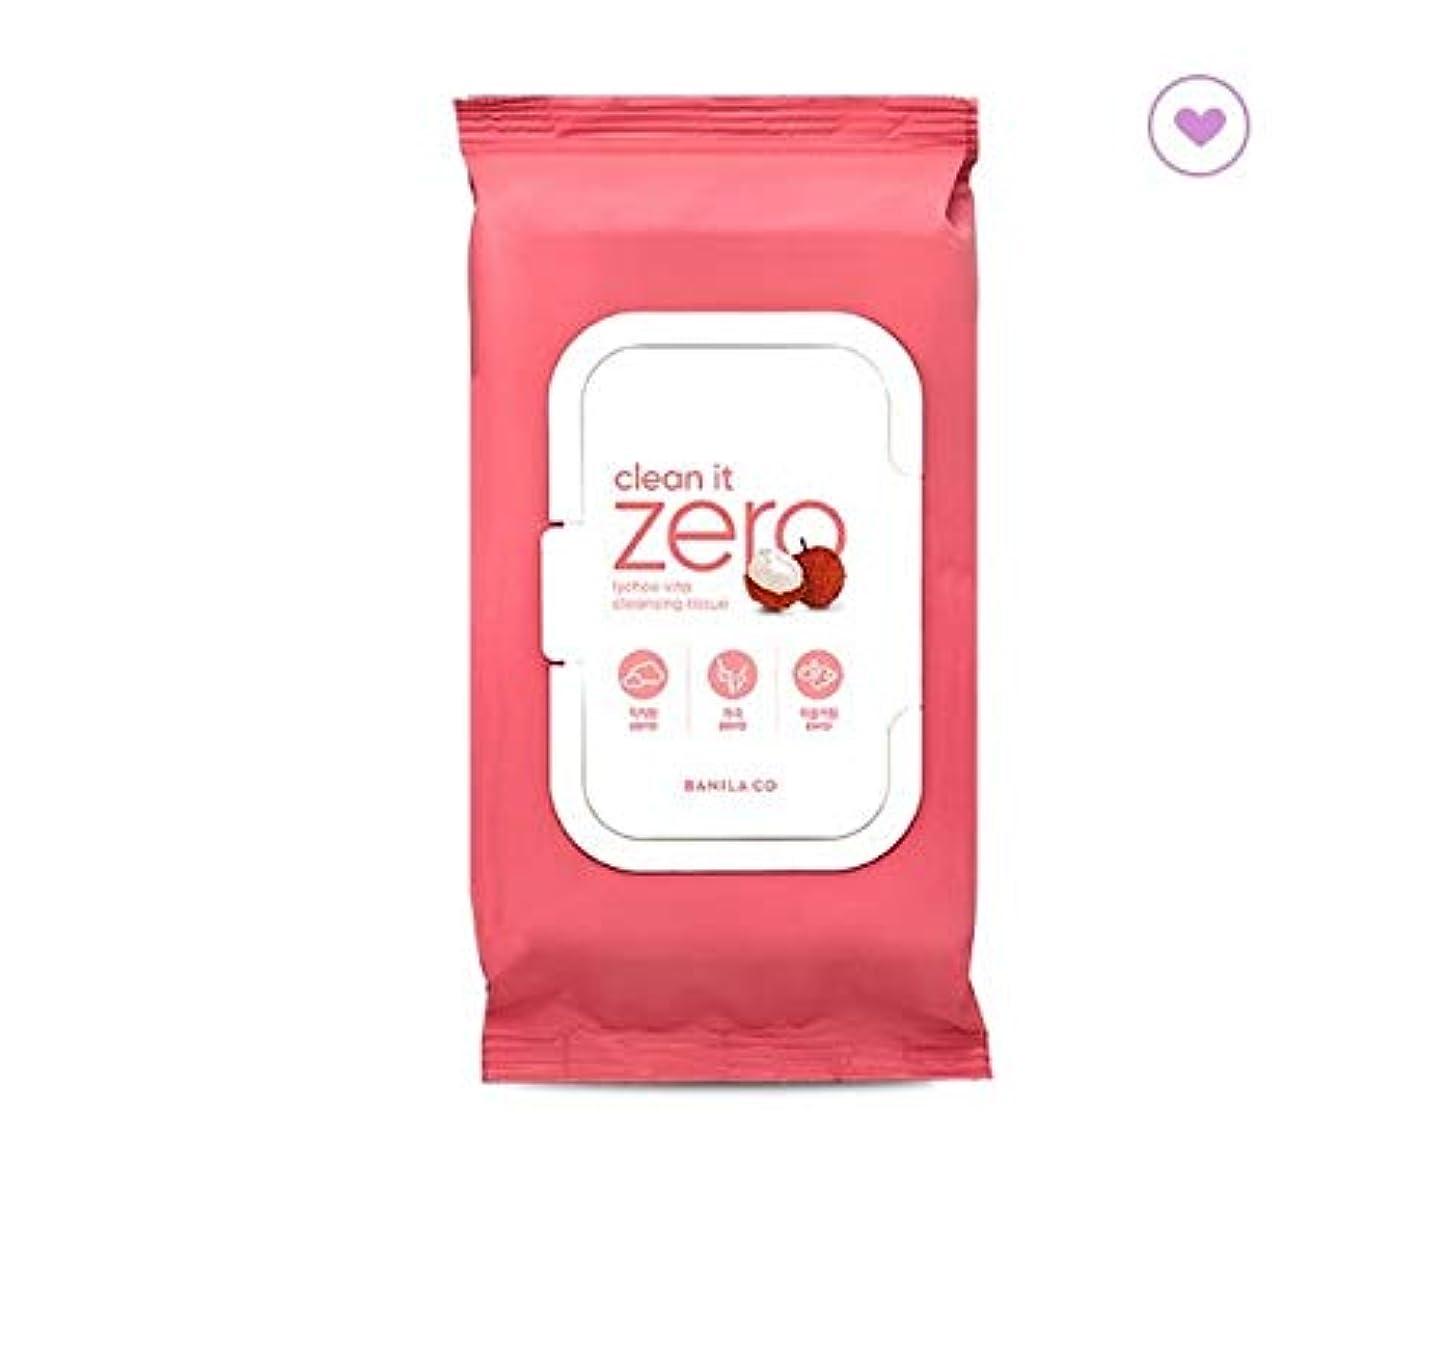 石炭リー退院banilaco クリーンイットゼロライチヴィータクレンジングティッシュ80枚 / Clean It Zero Lychee Vita Cleansing Tissue 80 sheets (430g) [並行輸入品]